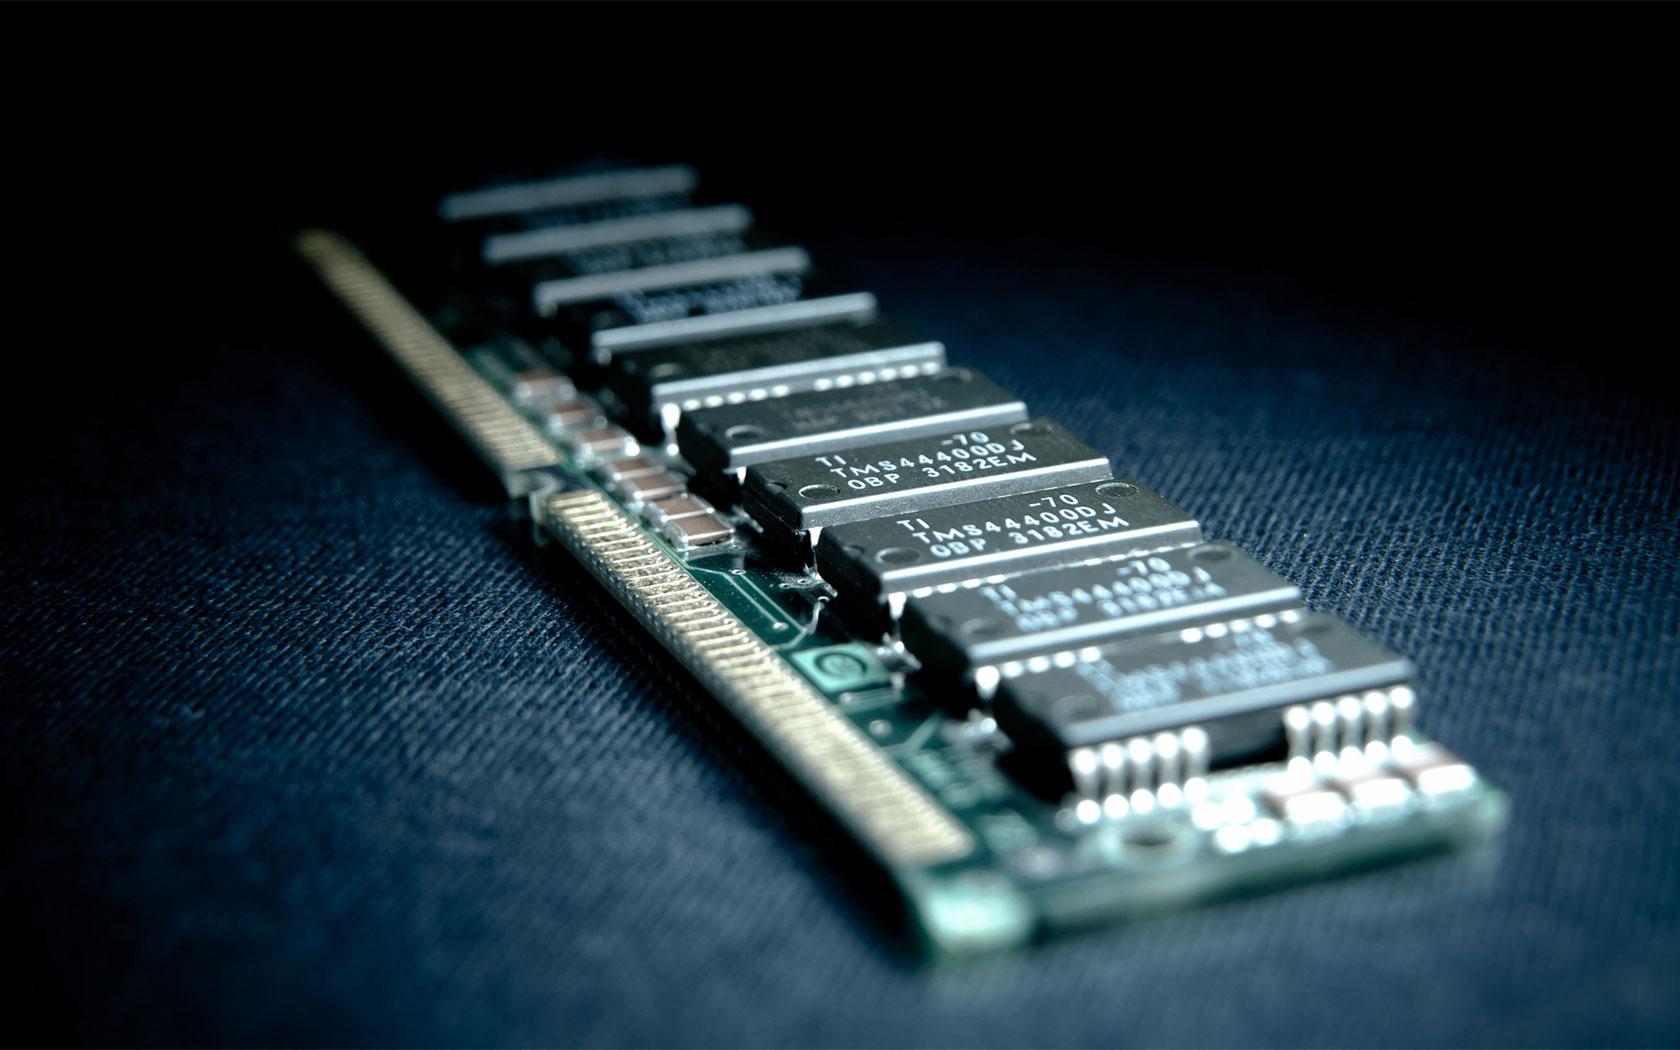 JEDEC обнародует предварительную спецификацию DDR5 уже внынешнем году